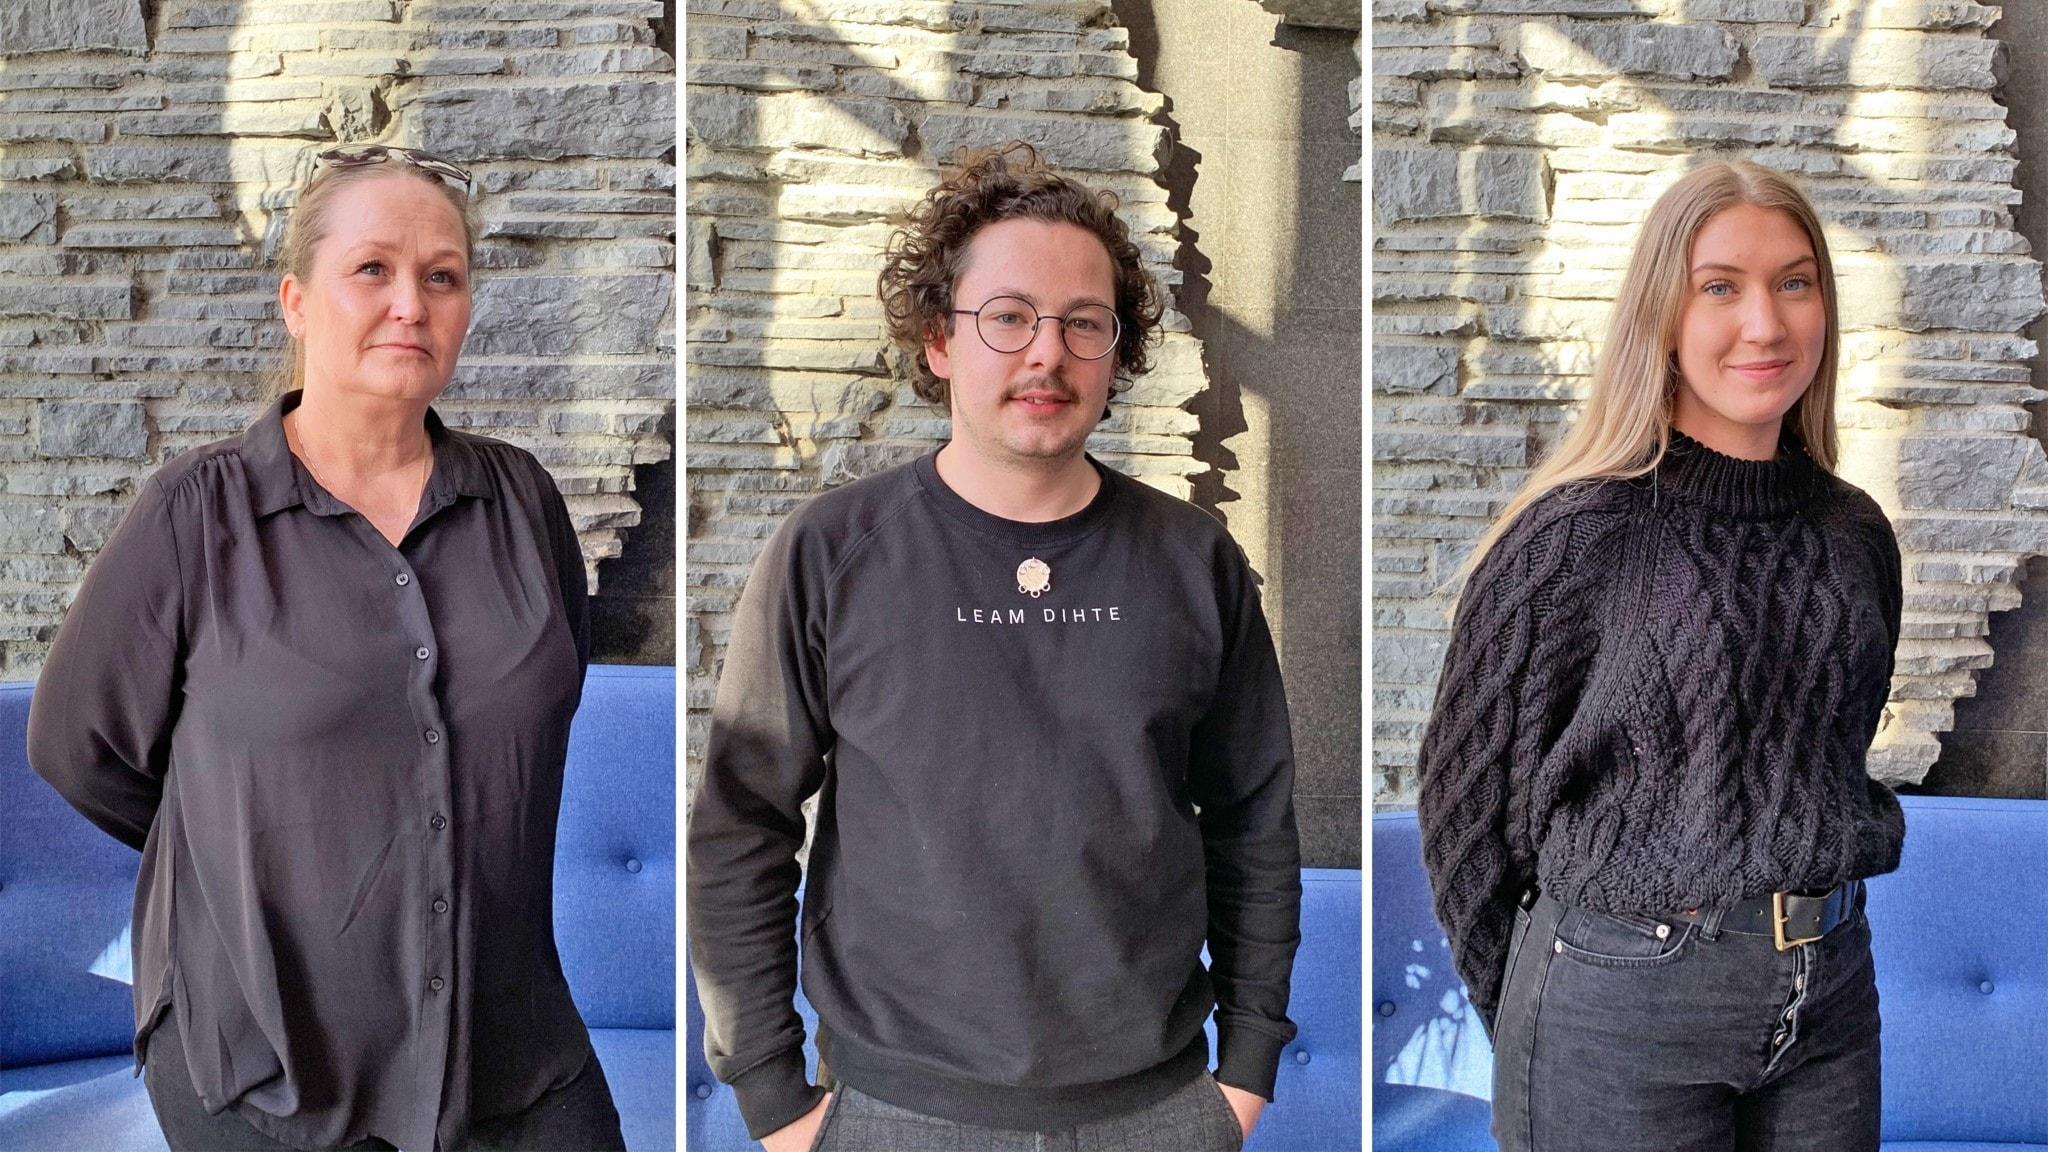 Sapmi snackar i Staare. Gäster: Anita Olofsson, William Stenvall Zetterström och Jenny Jernunger.